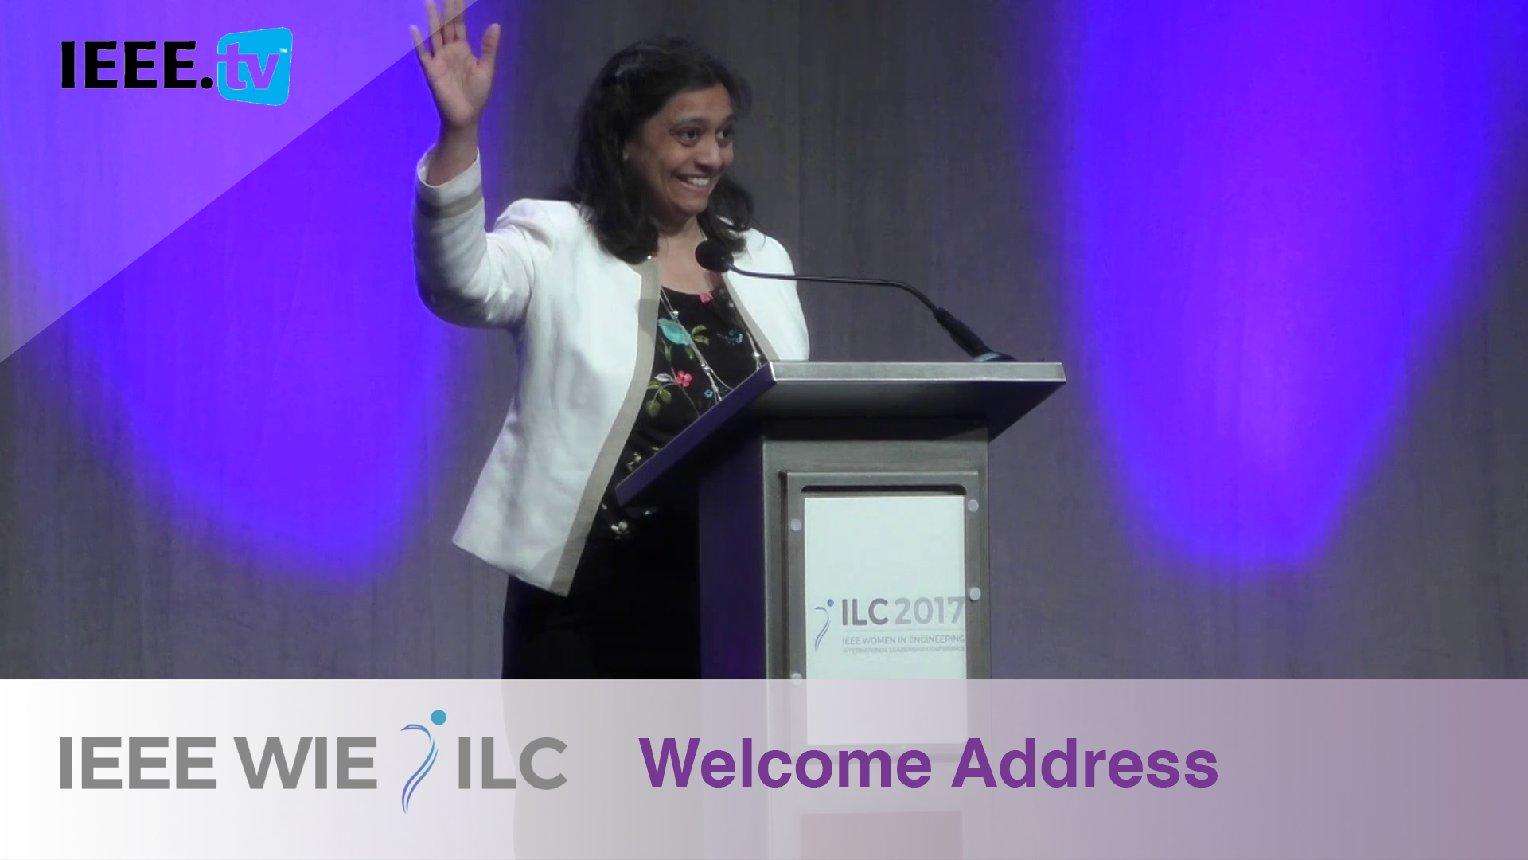 Welcome Address by Nita Patel - IEEE WIE ILC 2017